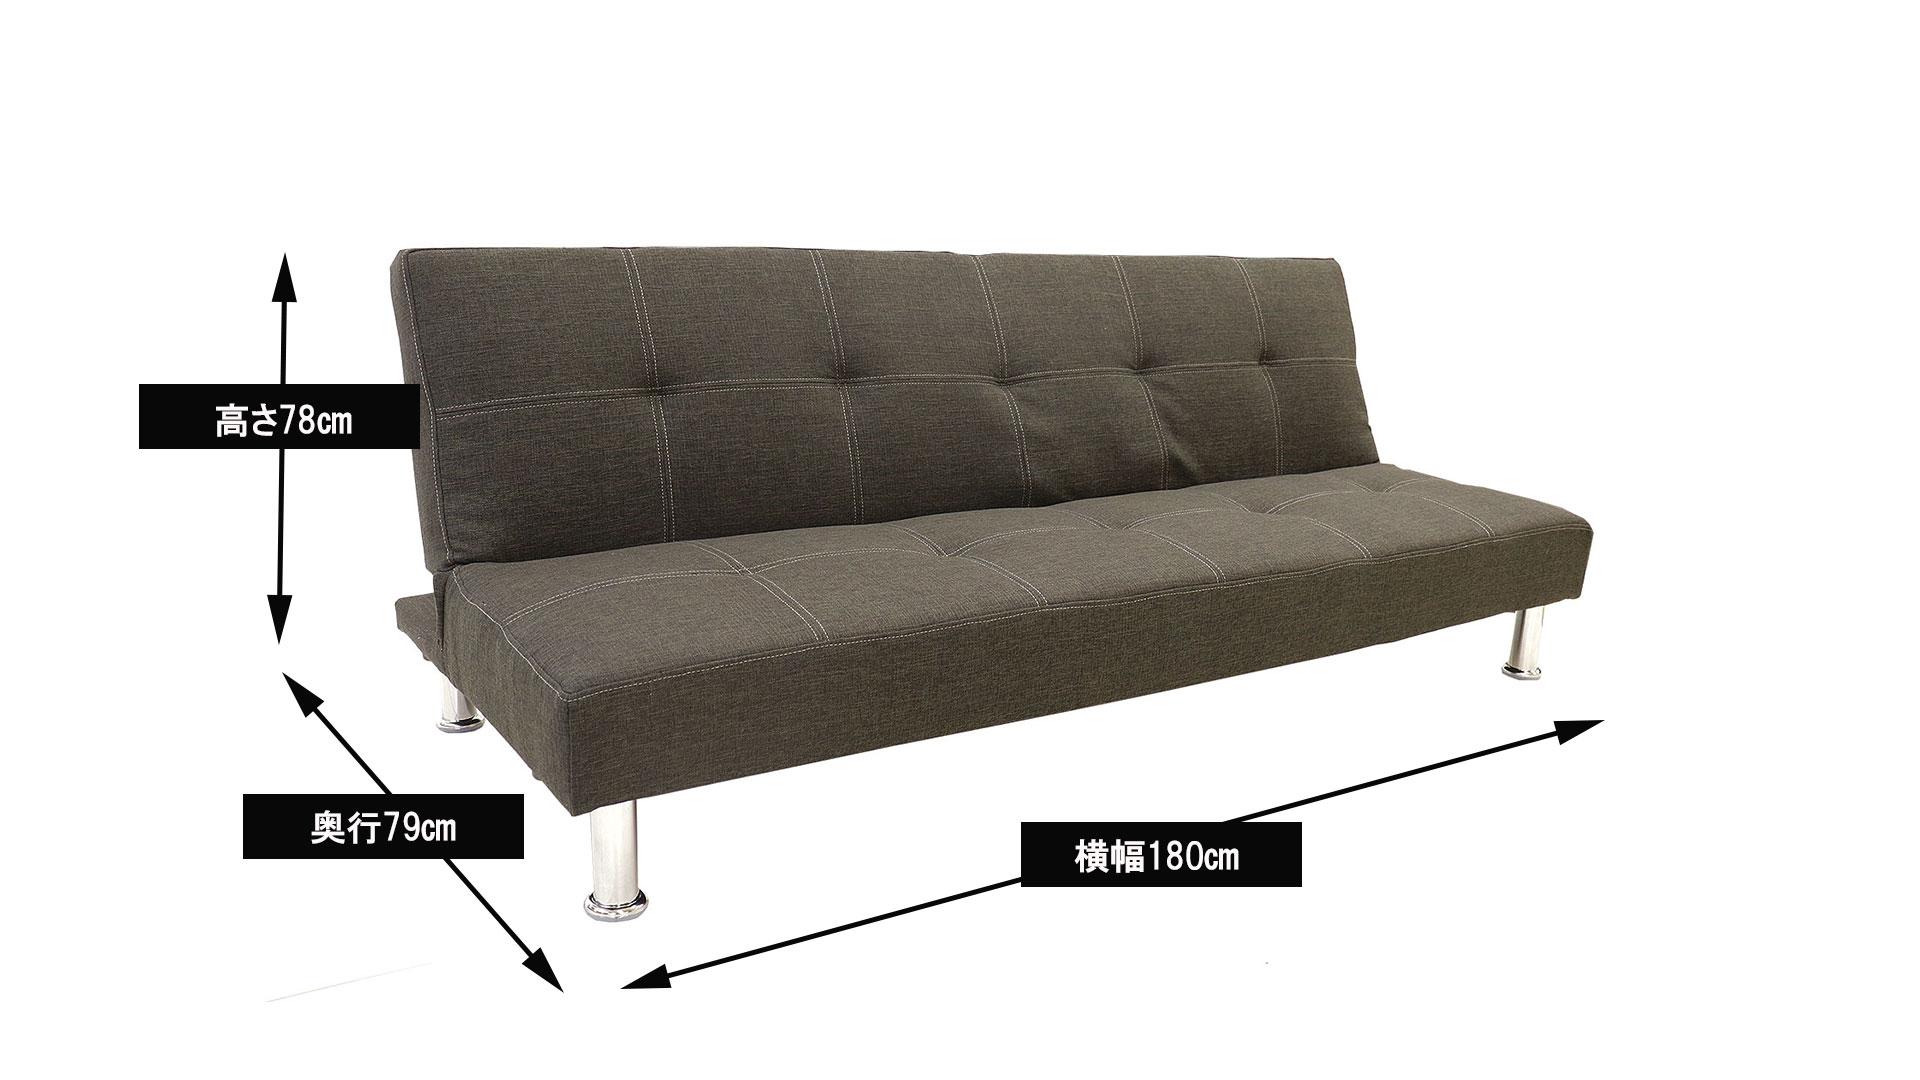 横幅180㎝の黒のソファベッド7.777円の品のソファの時のサイズ